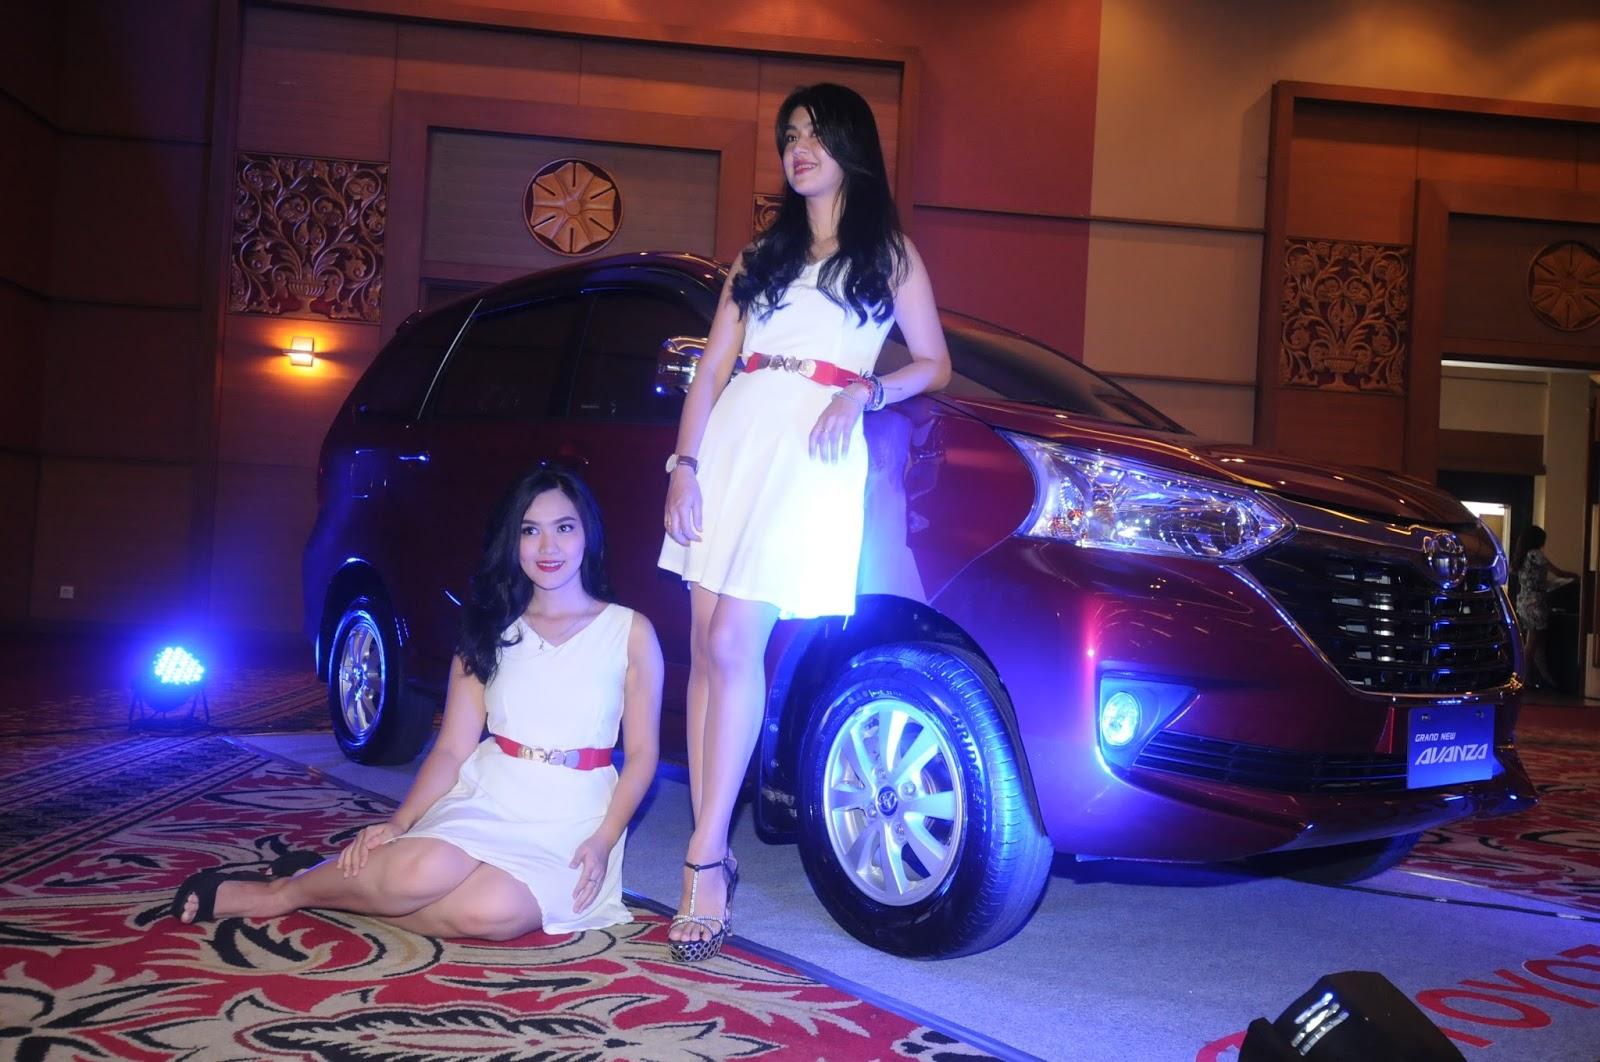 Grand New Avanza Ngelitik Perbedaan Tipe E Dan G Ilham Putra Pemulutan Veloz Andalan Baru Toyota Meski Tantangan Resiko Penjualan Tersebut Membayangi Tetap Percaya Diri